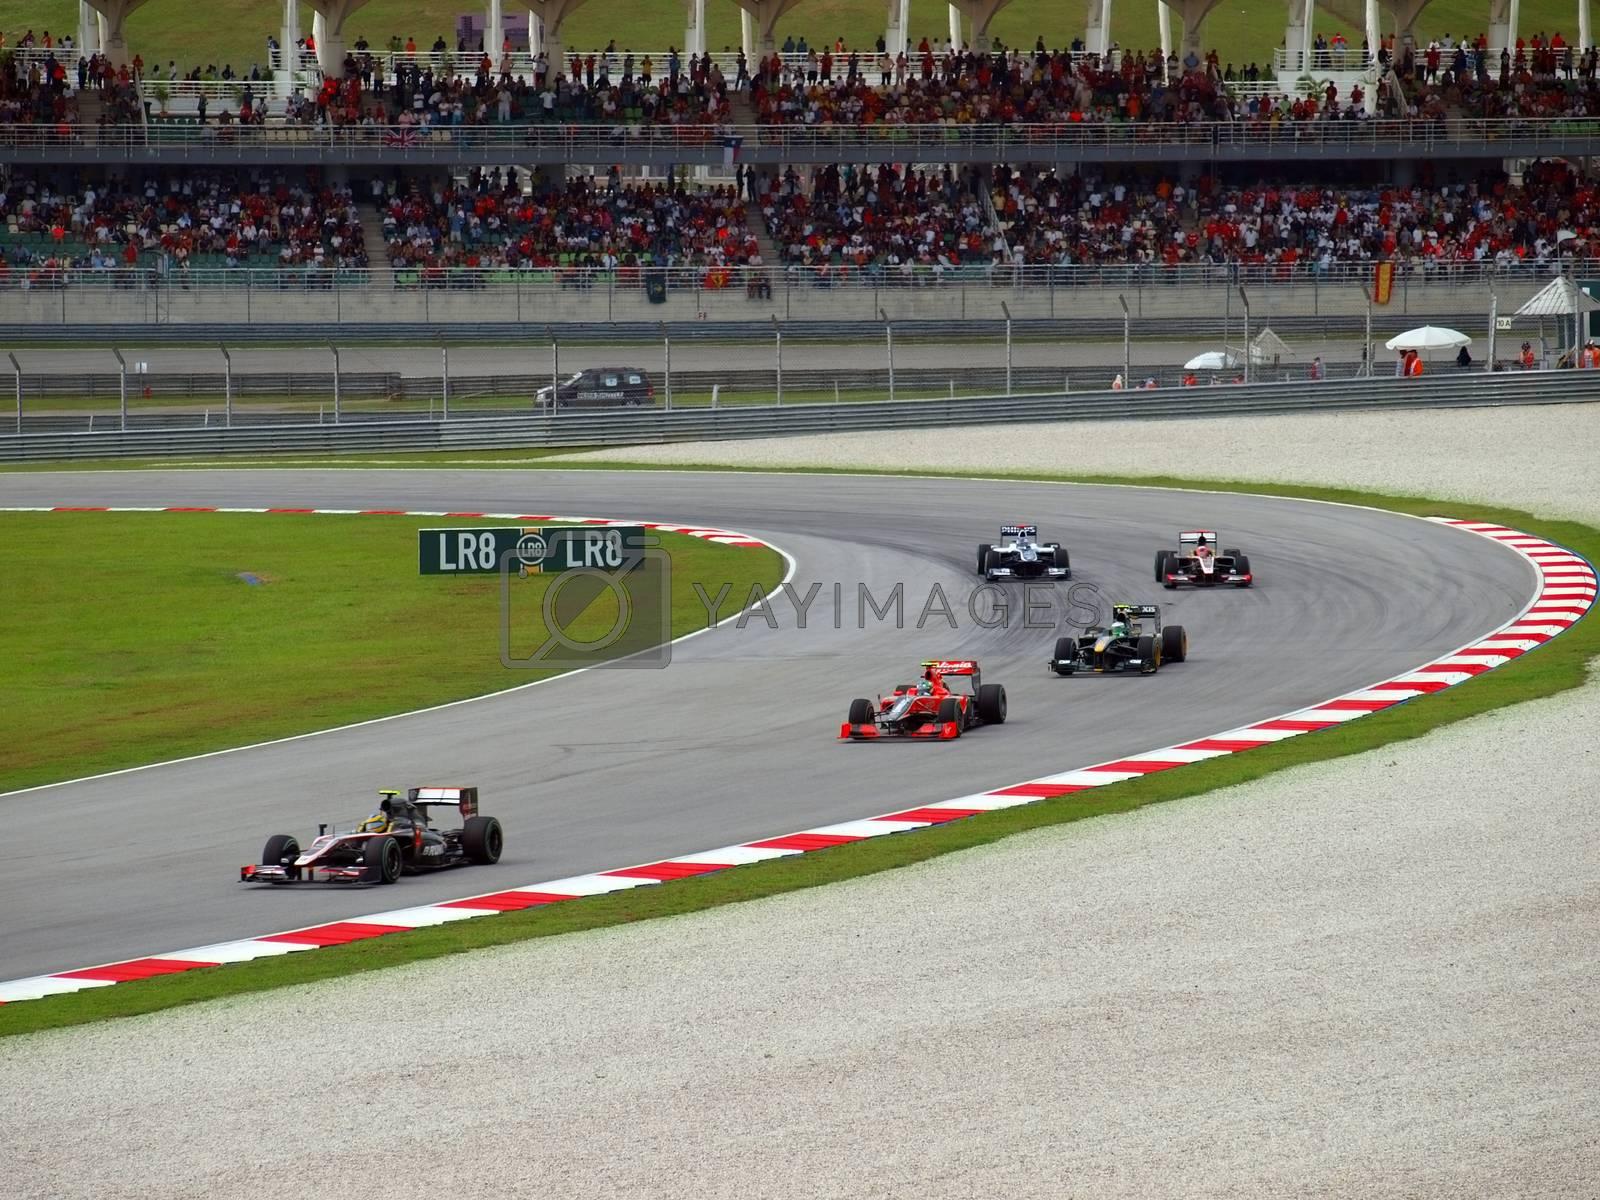 Sepang, Malasia - April 4, 2010 : Malaysian Grand Prix at Sepang F1 first circuit April 4, 2010 in Sepang, Malasia